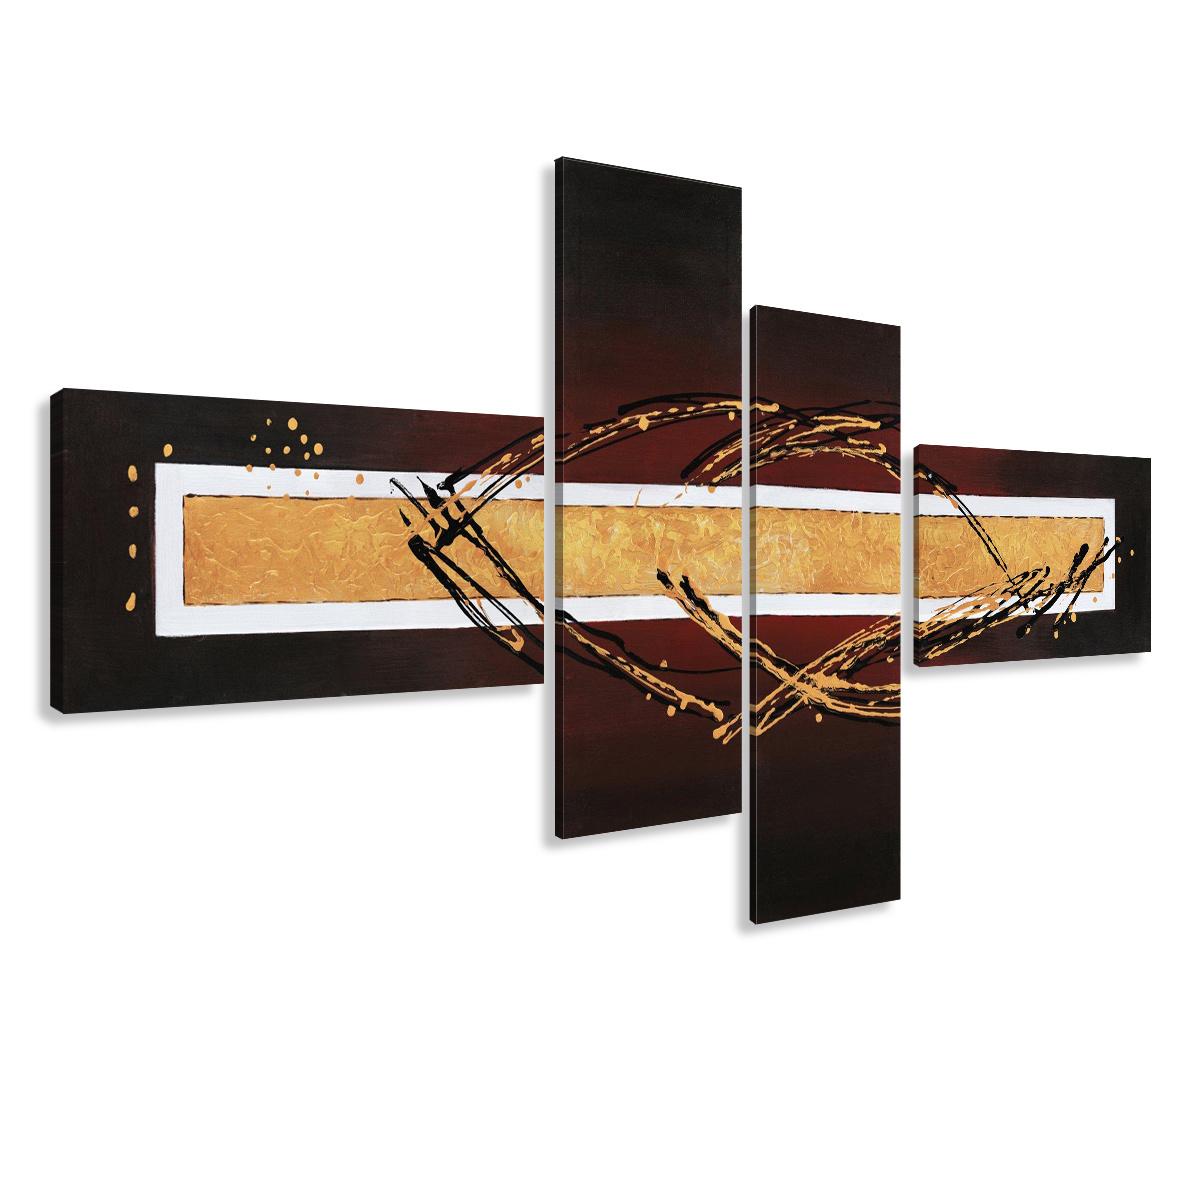 Schilderij - Abstract met krullen, 4luik, 195x80cm, wanddecoratie